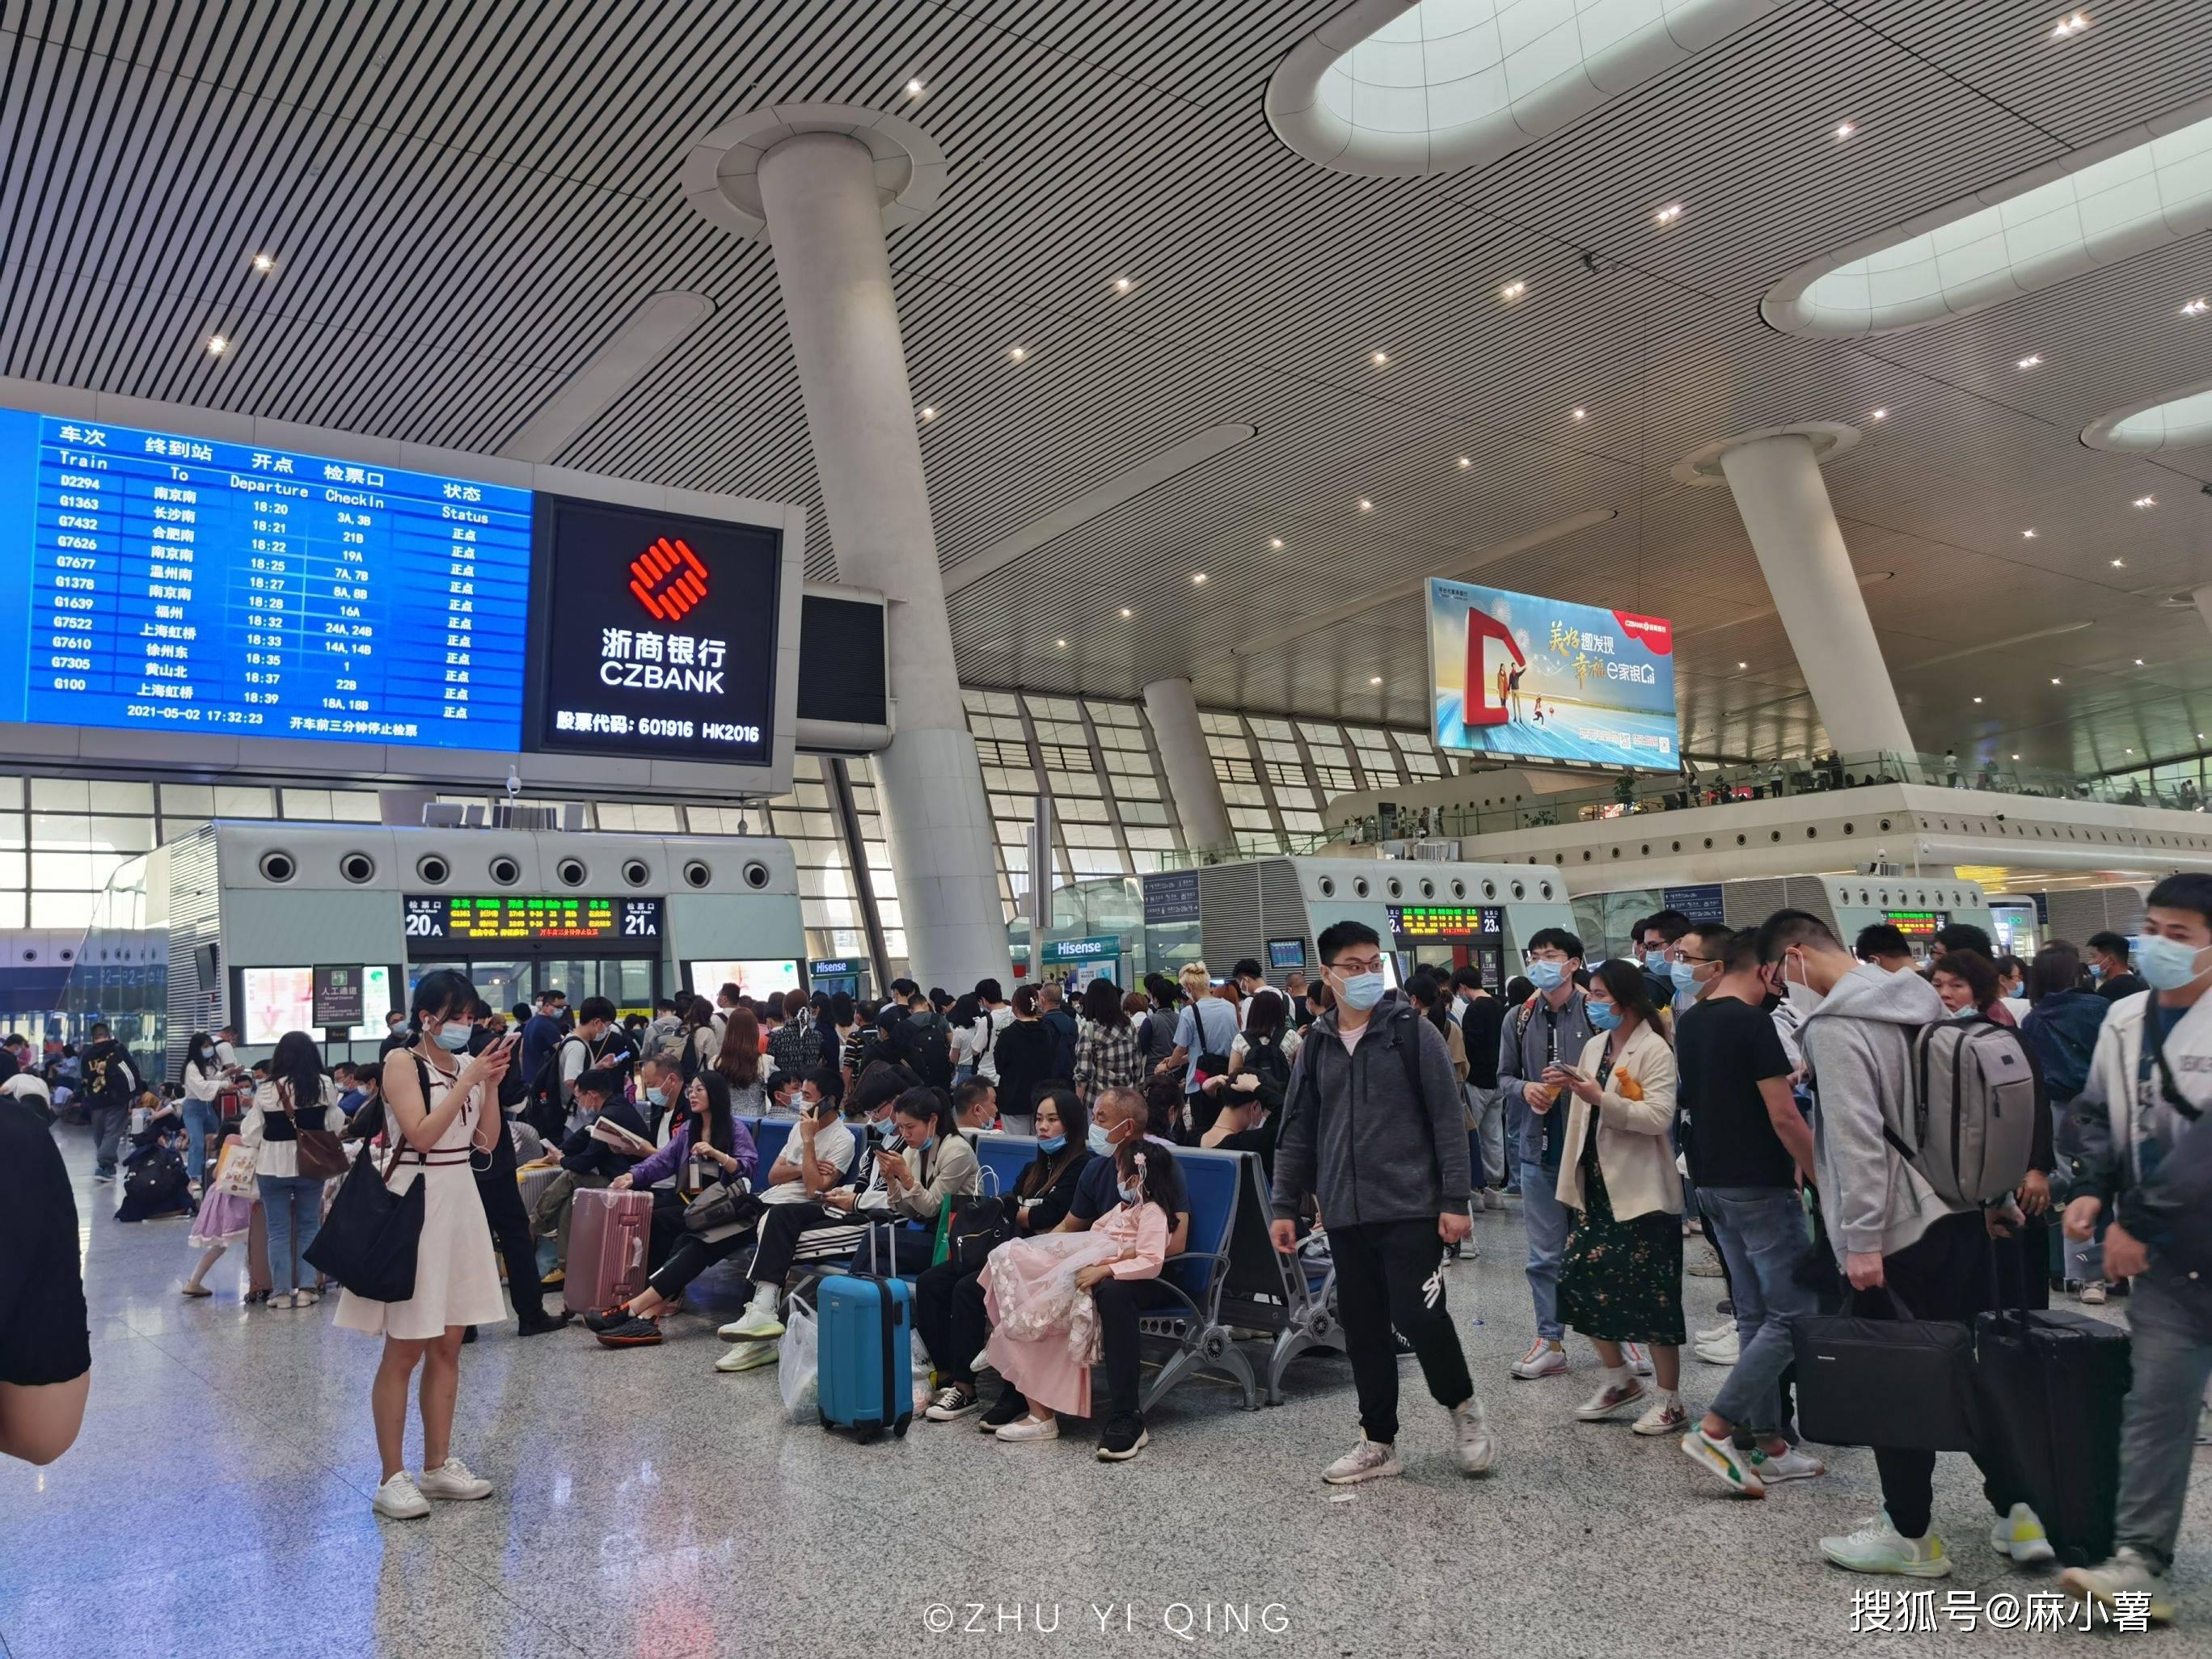 实拍五一杭州东站客流盛况,检票口寸步难行,黑压压一片都是人